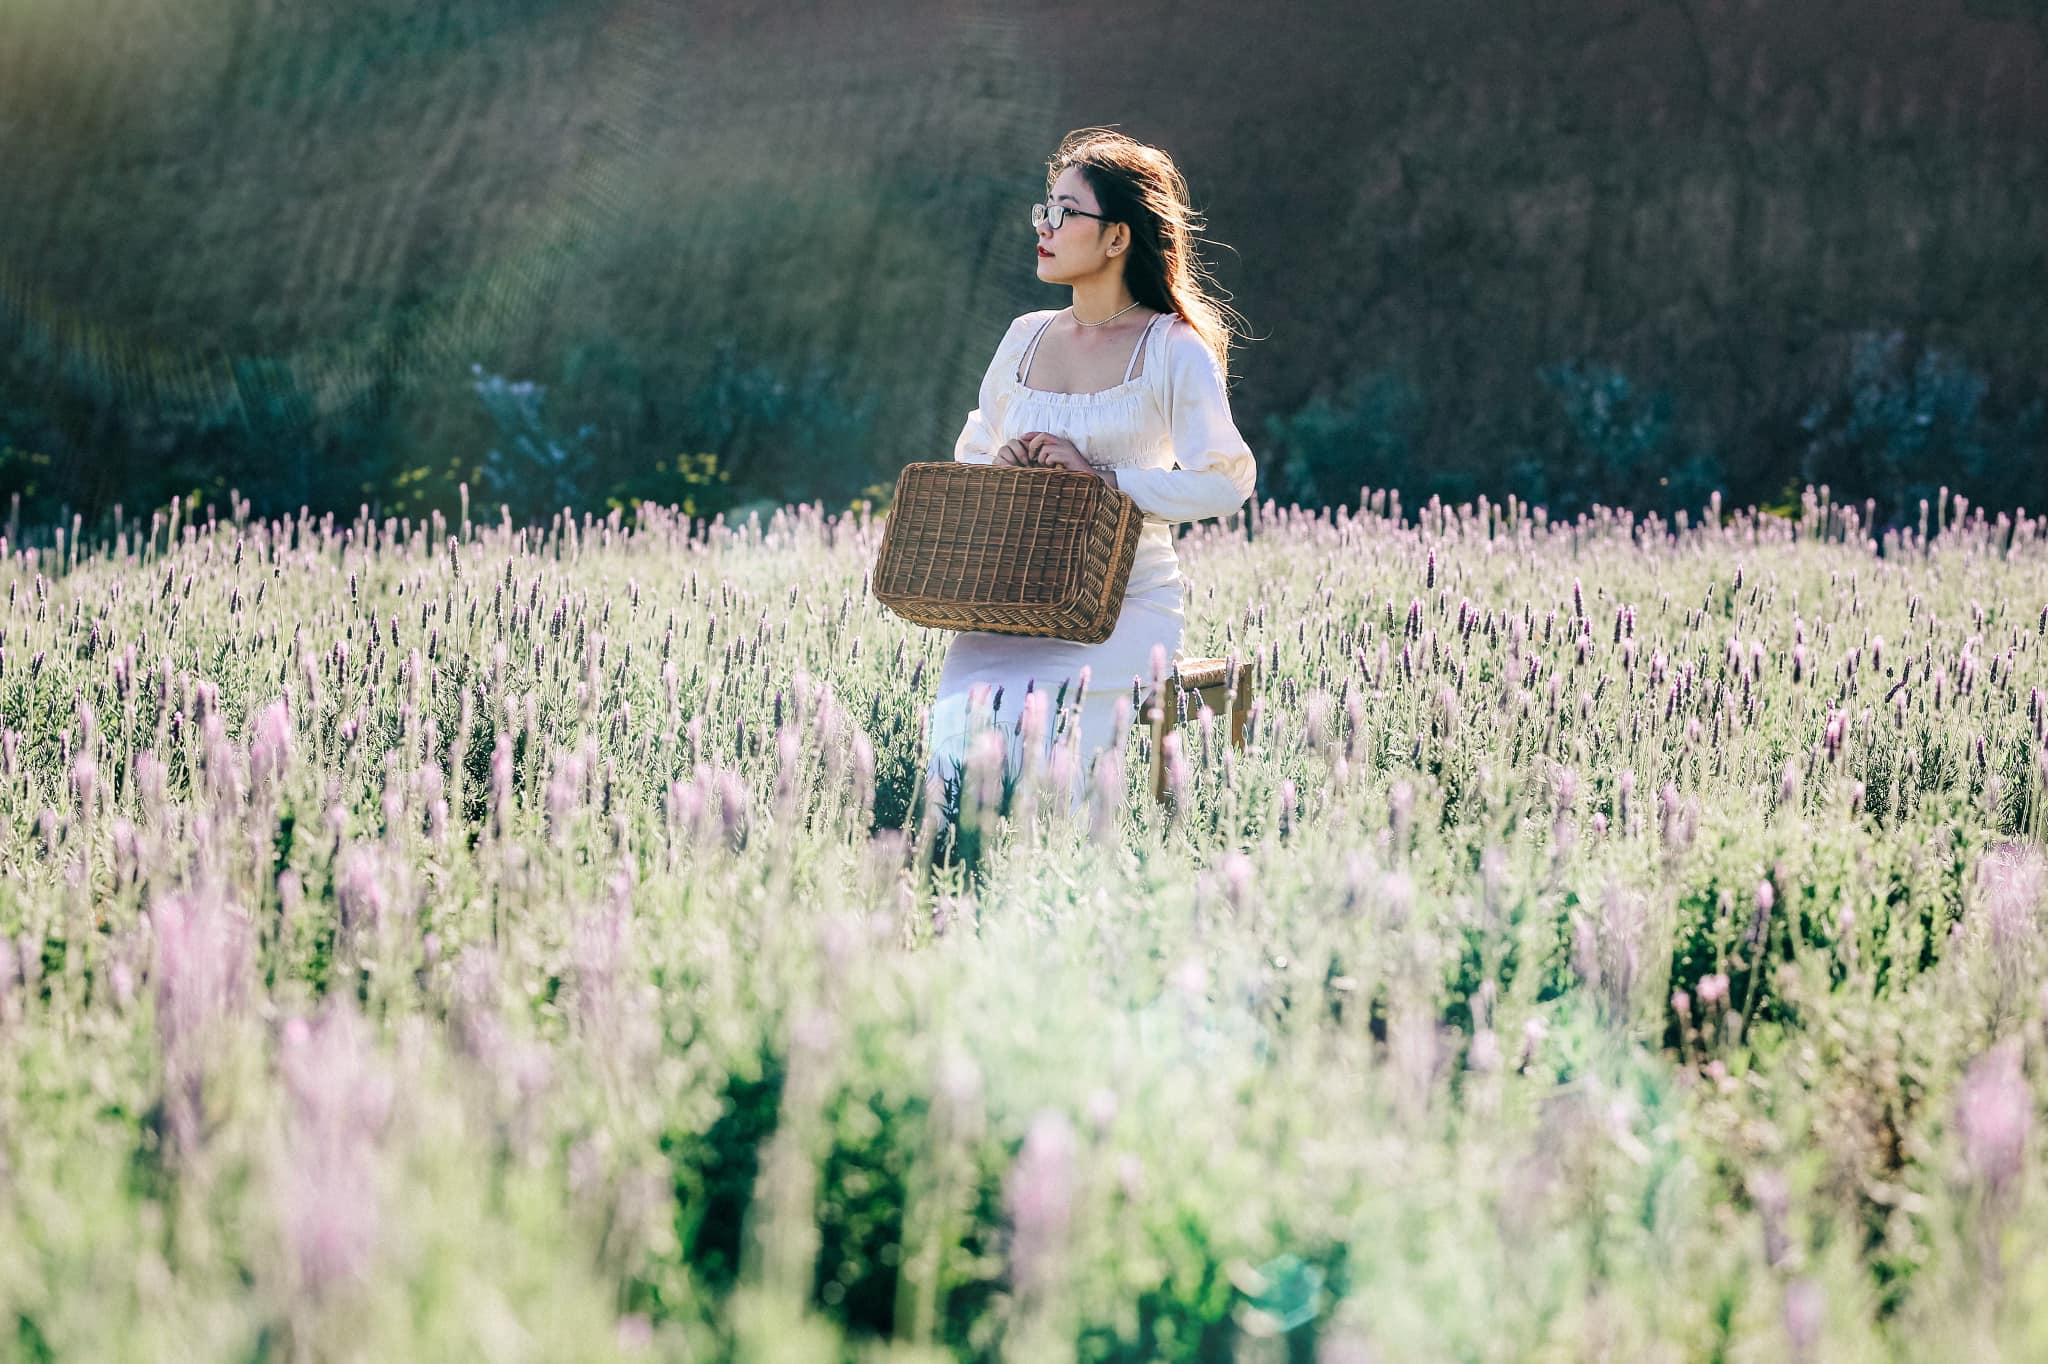 Check-in Vườn hoa lavender Túi Thương Nhớ, điểm đến 'mới toanh' tại Đà Lạt  - Ảnh 1.